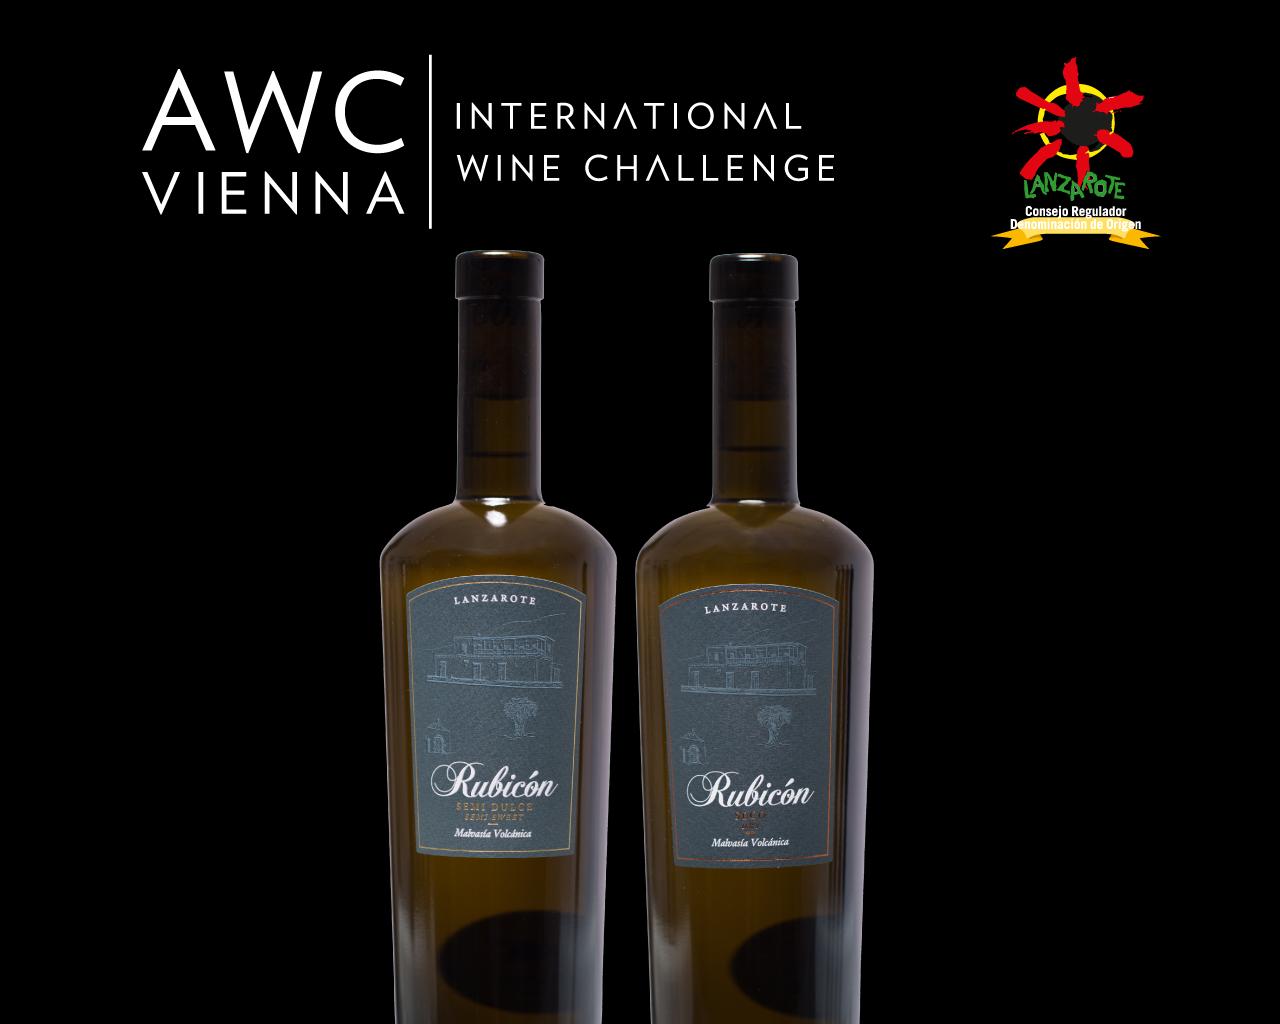 Bodegas Rubicón, galardonada por partida doble en el concurso AWC Vienna